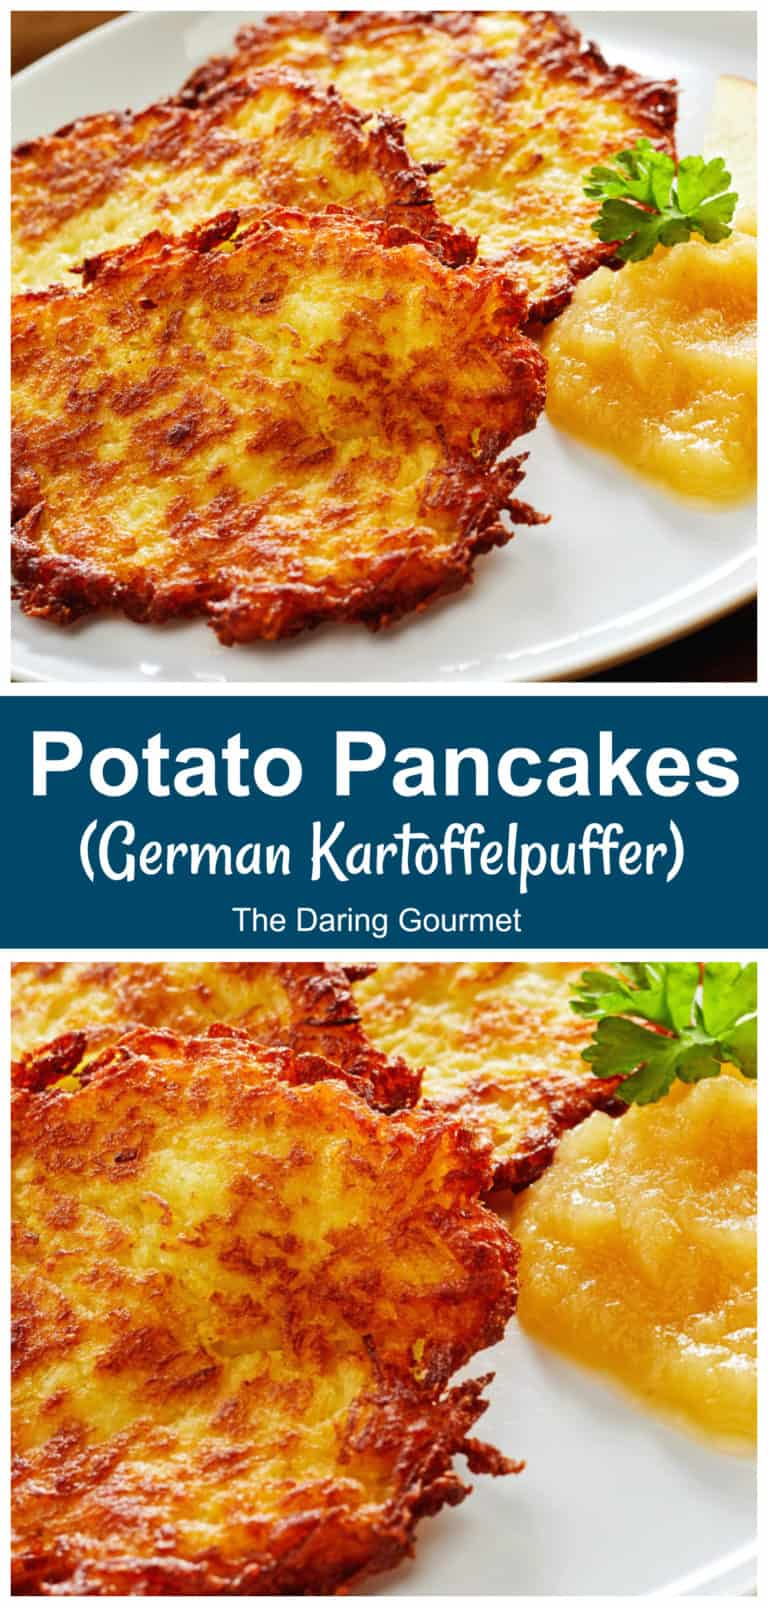 potato pancakes recipe German kartoffelpuffer rosti